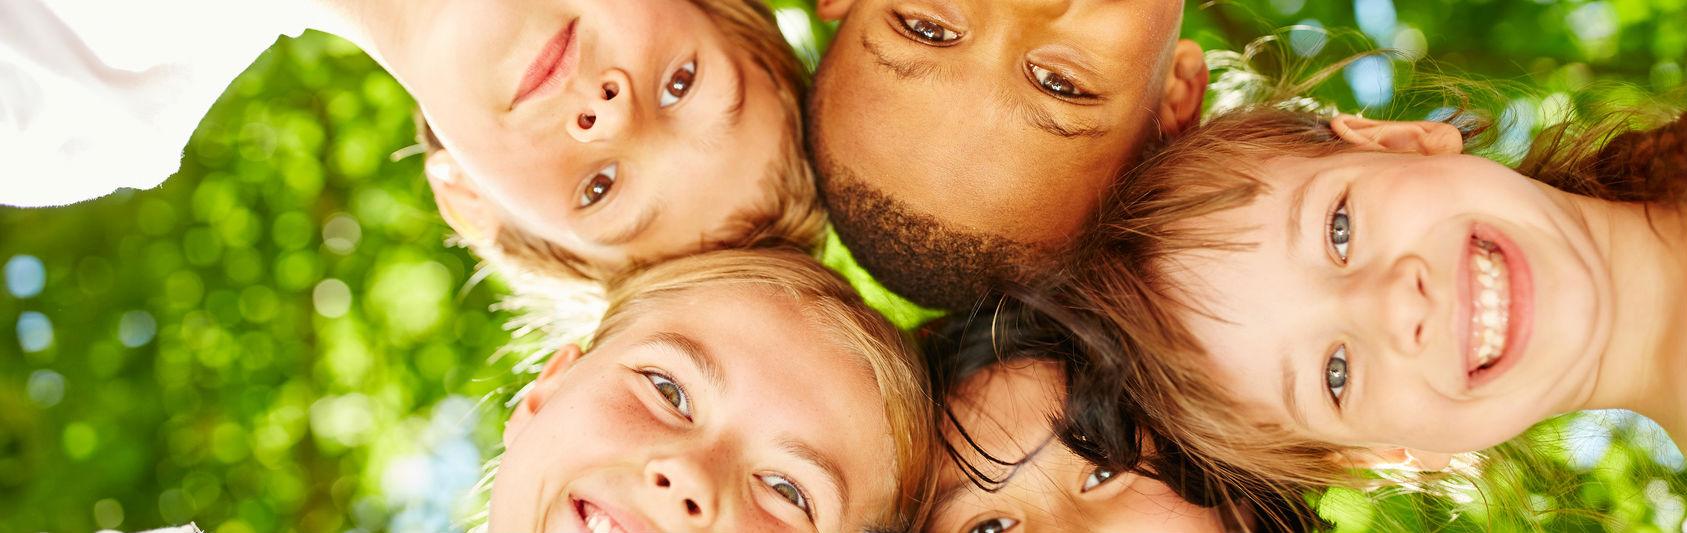 Orto-K: control de miopía en niños